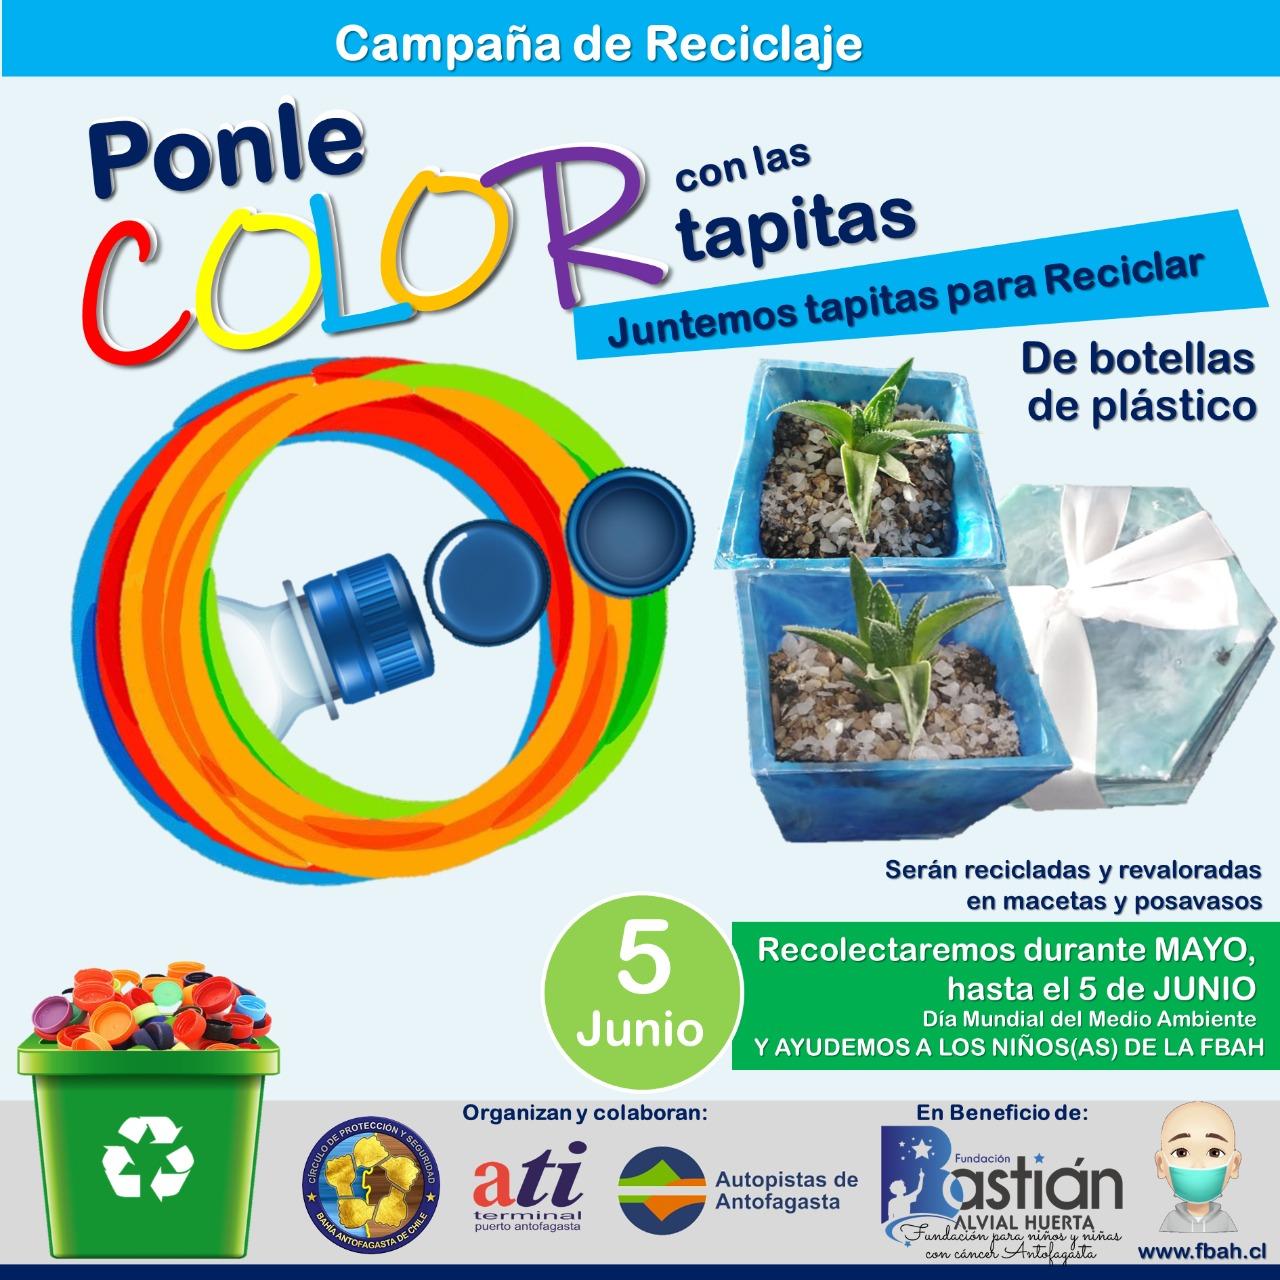 Autopistas de Antofagasta participa de campaña de reciclaje en apoyo de fundación oncológica infantil